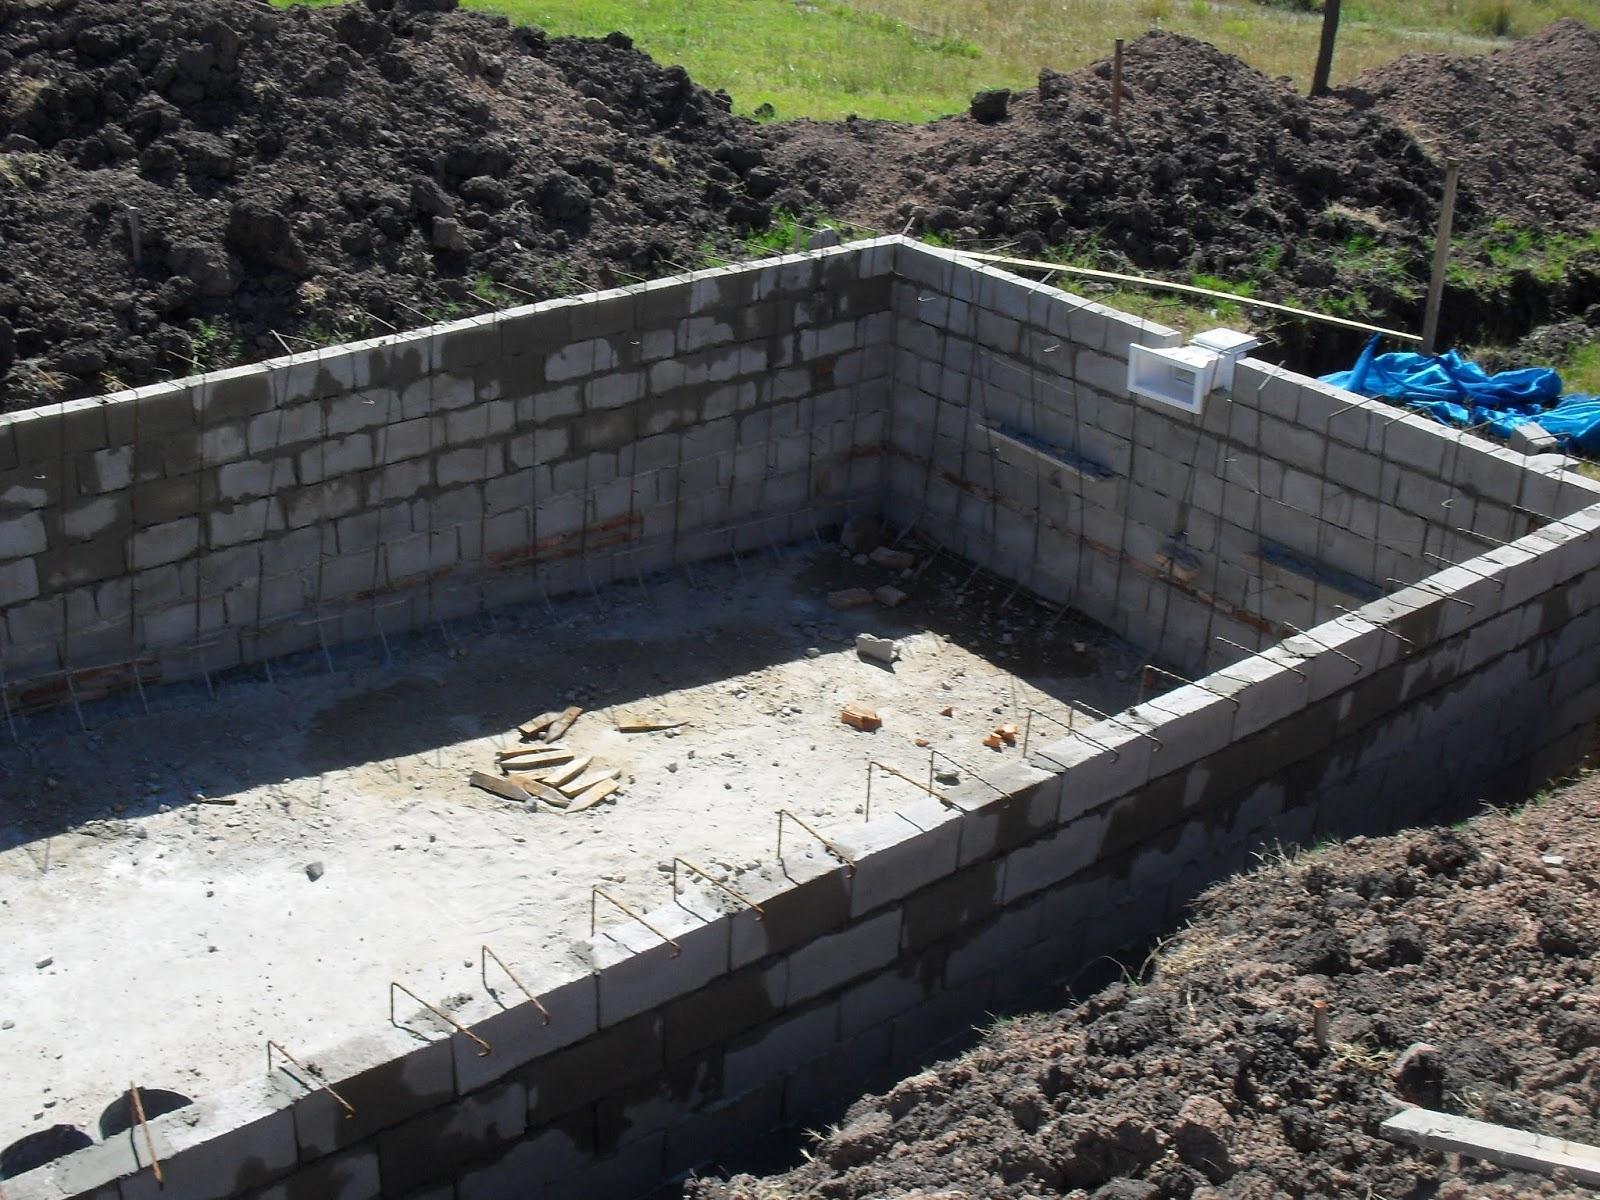 Constructora valdivia proceso constructivo de una piscina for Cuanto cuesta hacer una pileta de material 2016